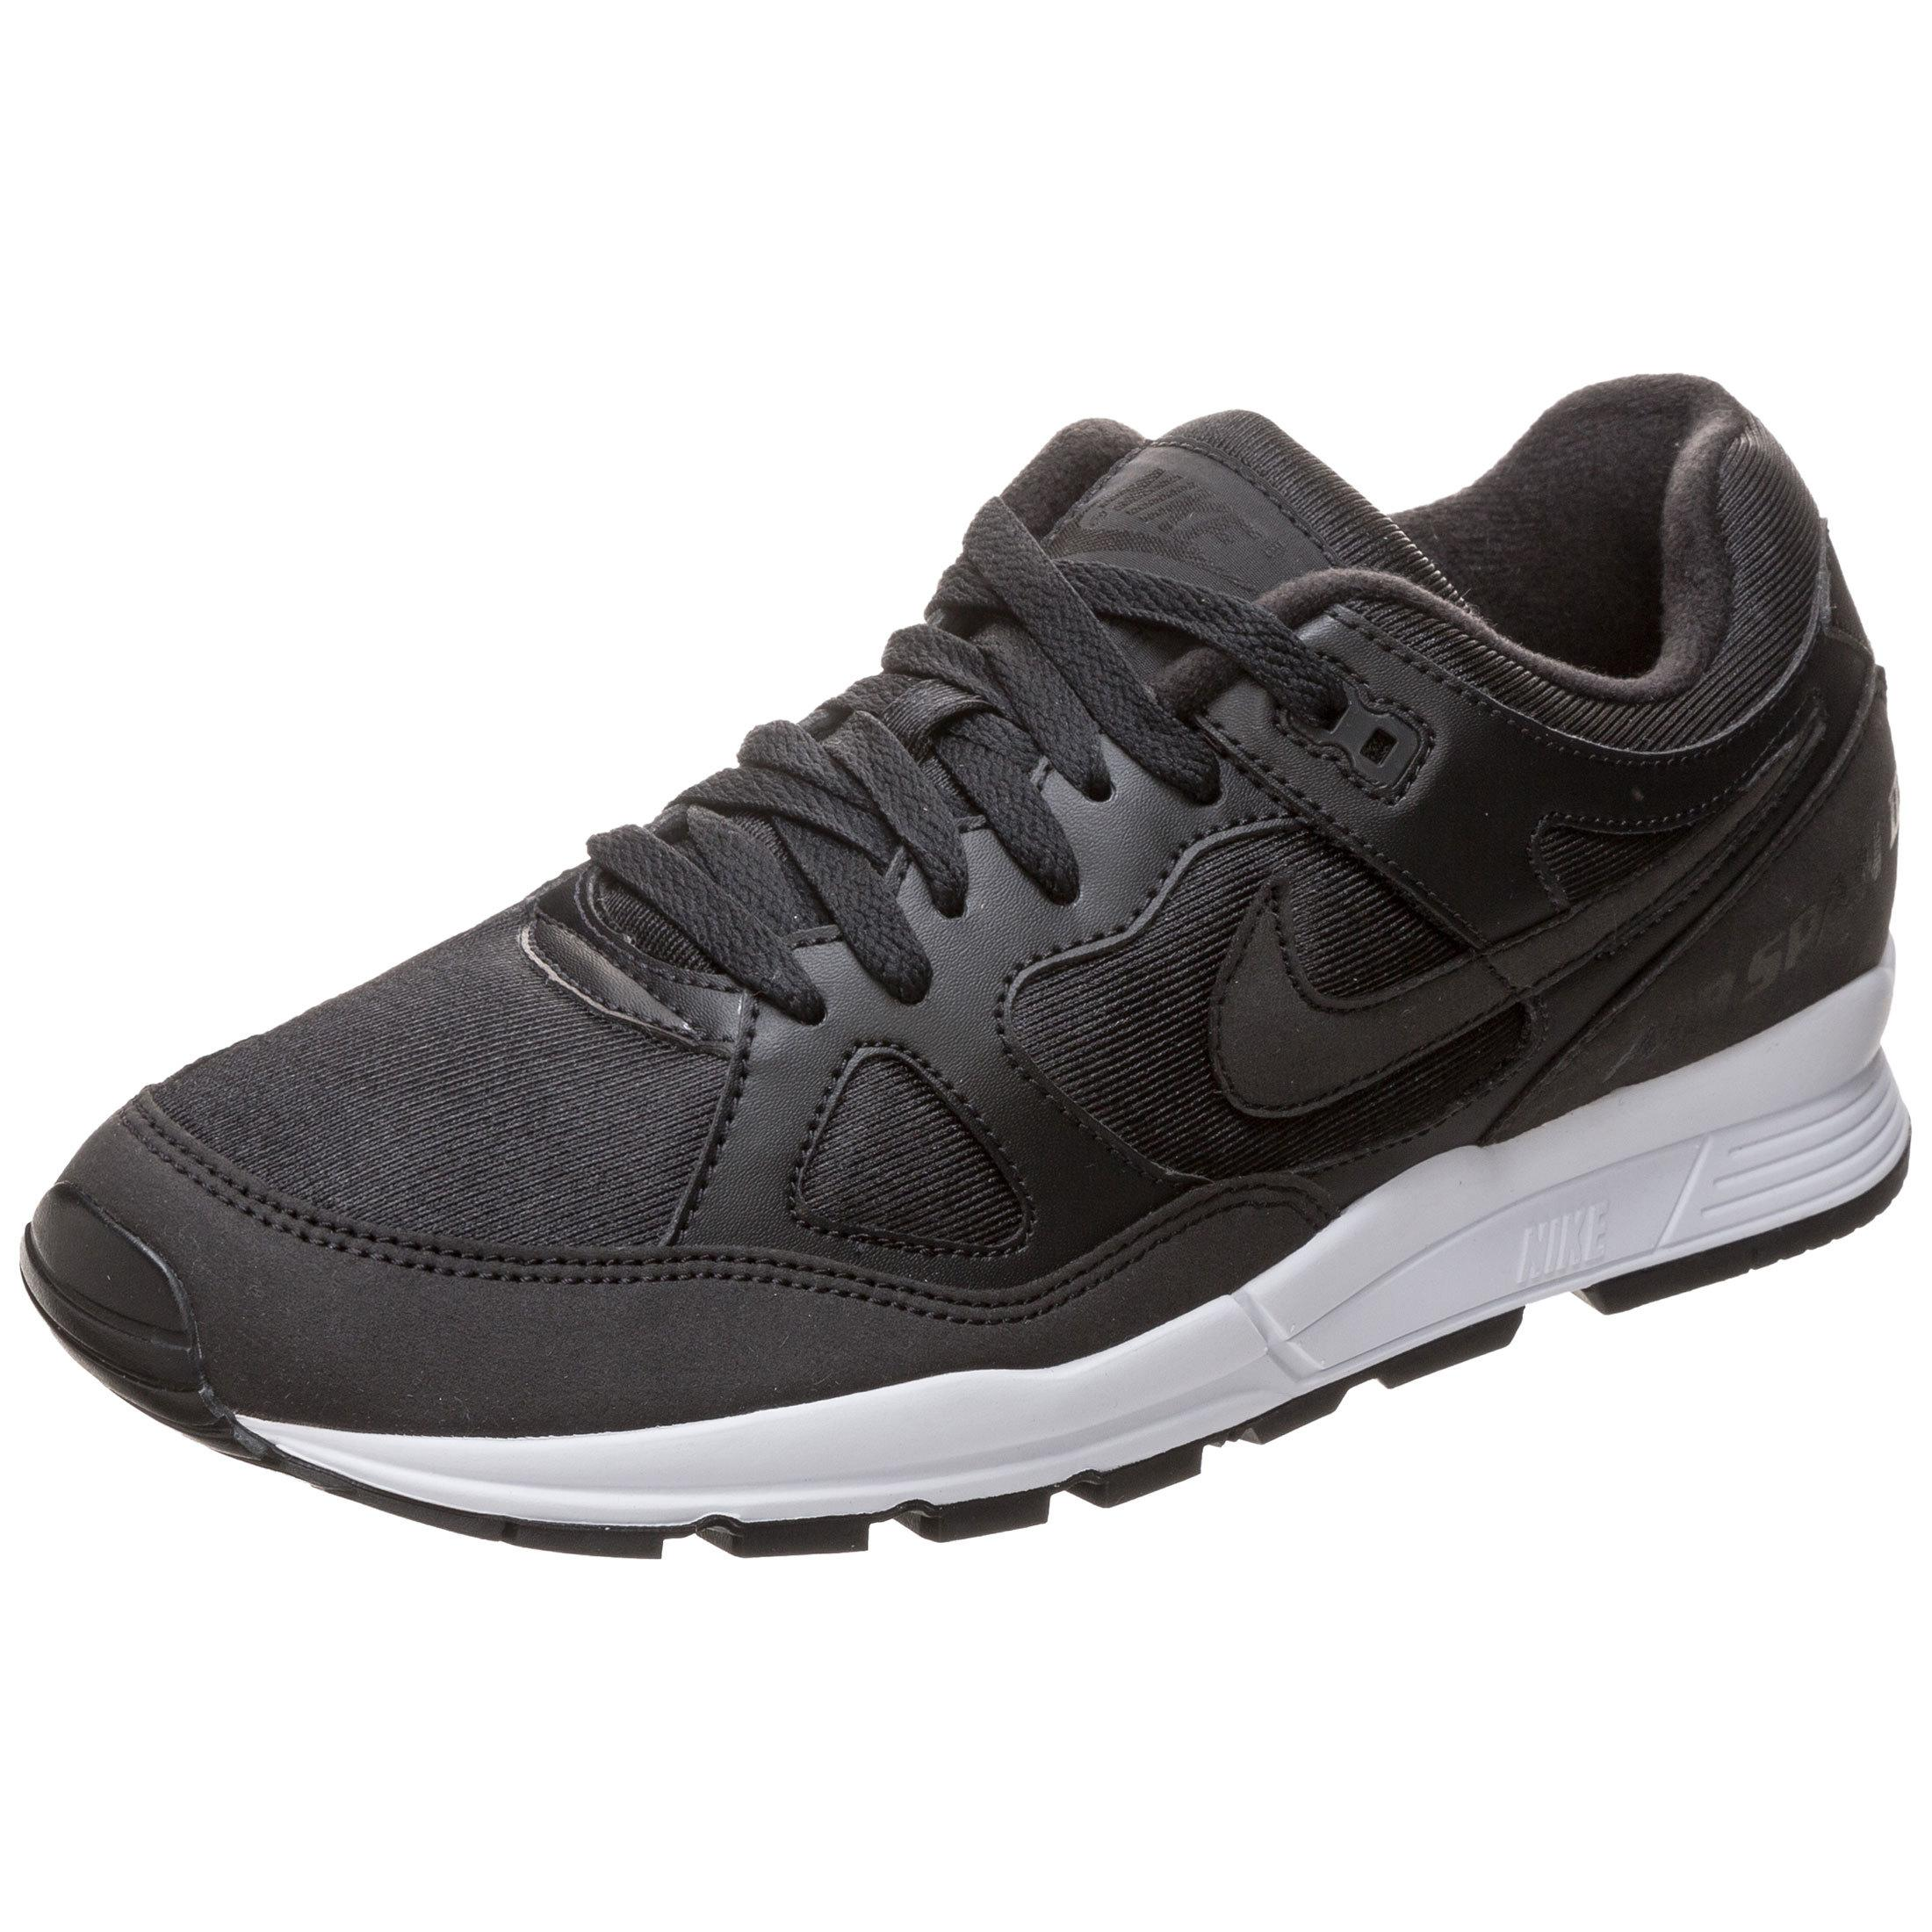 Nike Air Span II II II Sneaker Herren schwarz / weiß im Online Shop von SportScheck kaufen Gute Qualität beliebte Schuhe ffd400